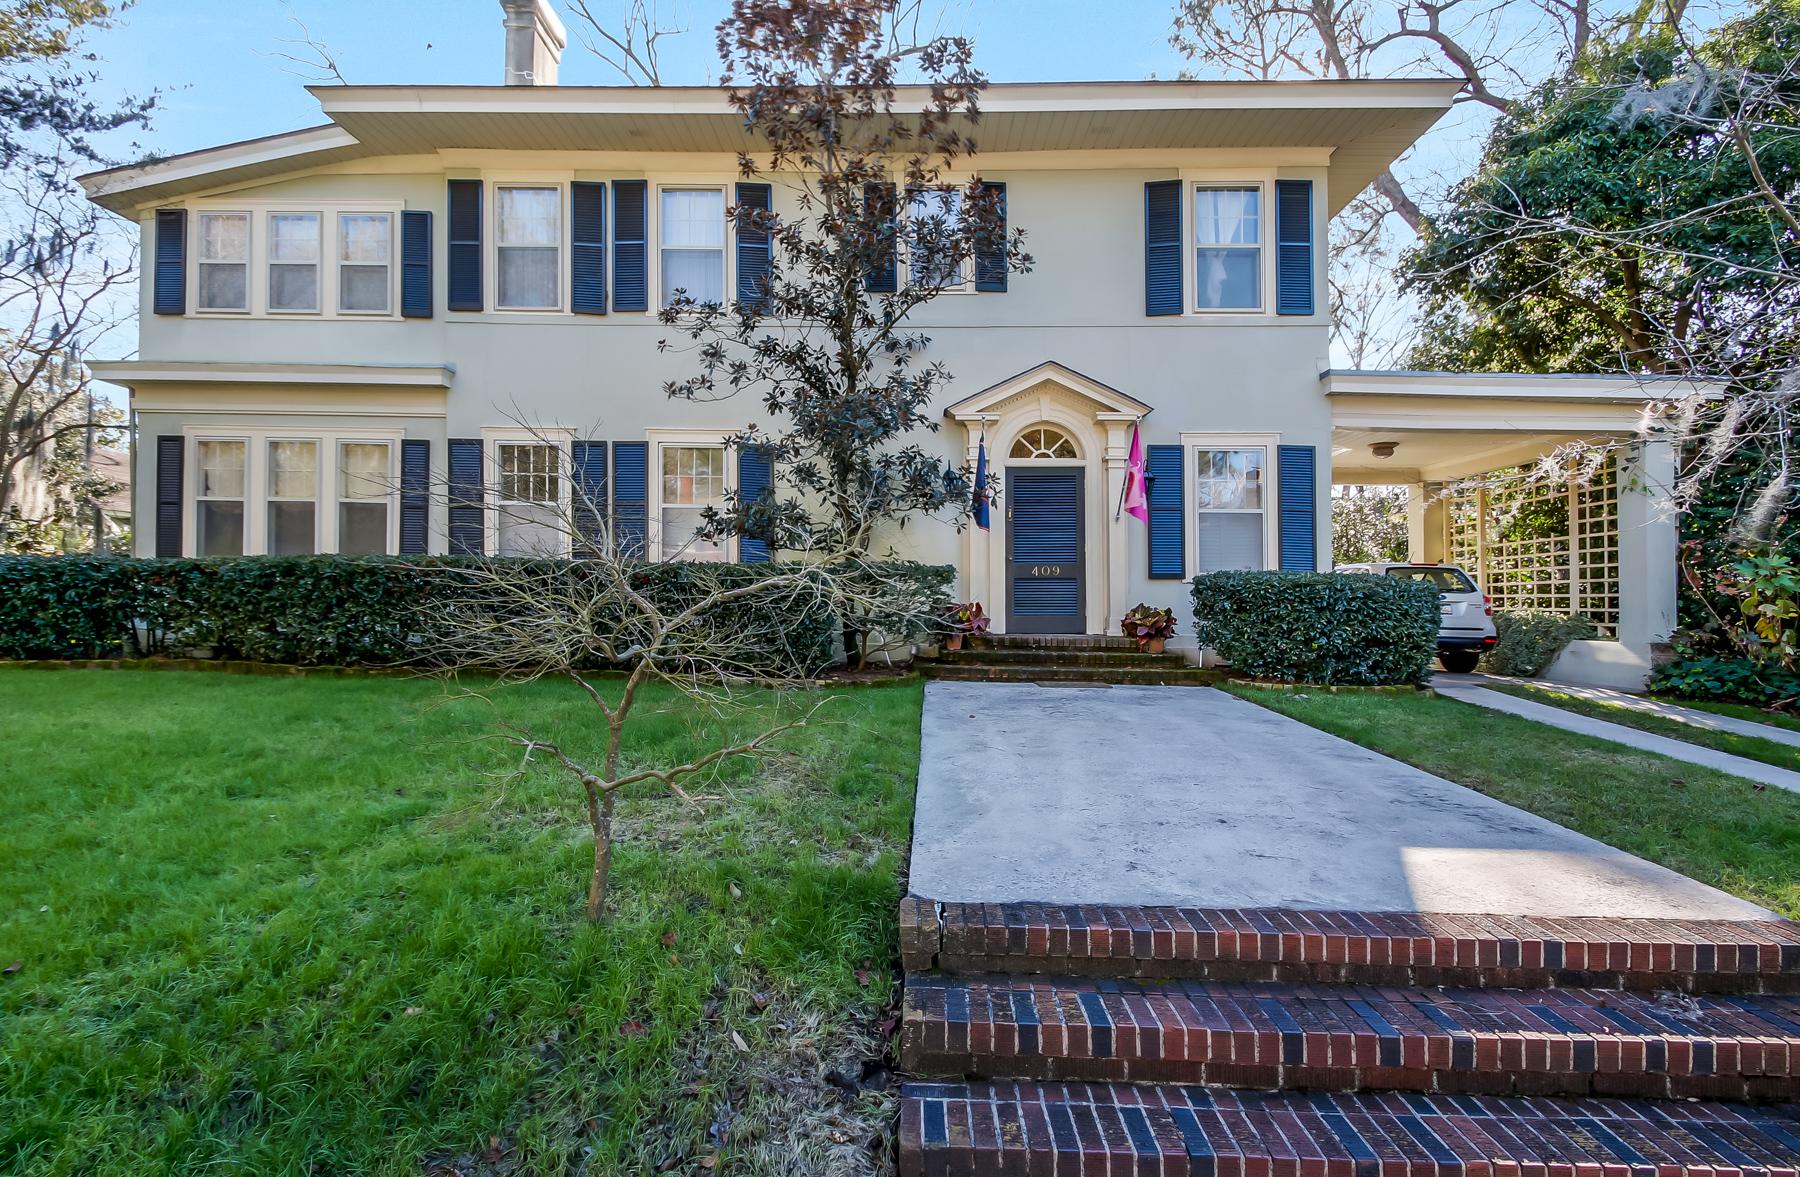 Casa Unifamiliar por un Venta en Ardsley Park 409 E. 44th Street Savannah, Georgia, 31405 Estados Unidos